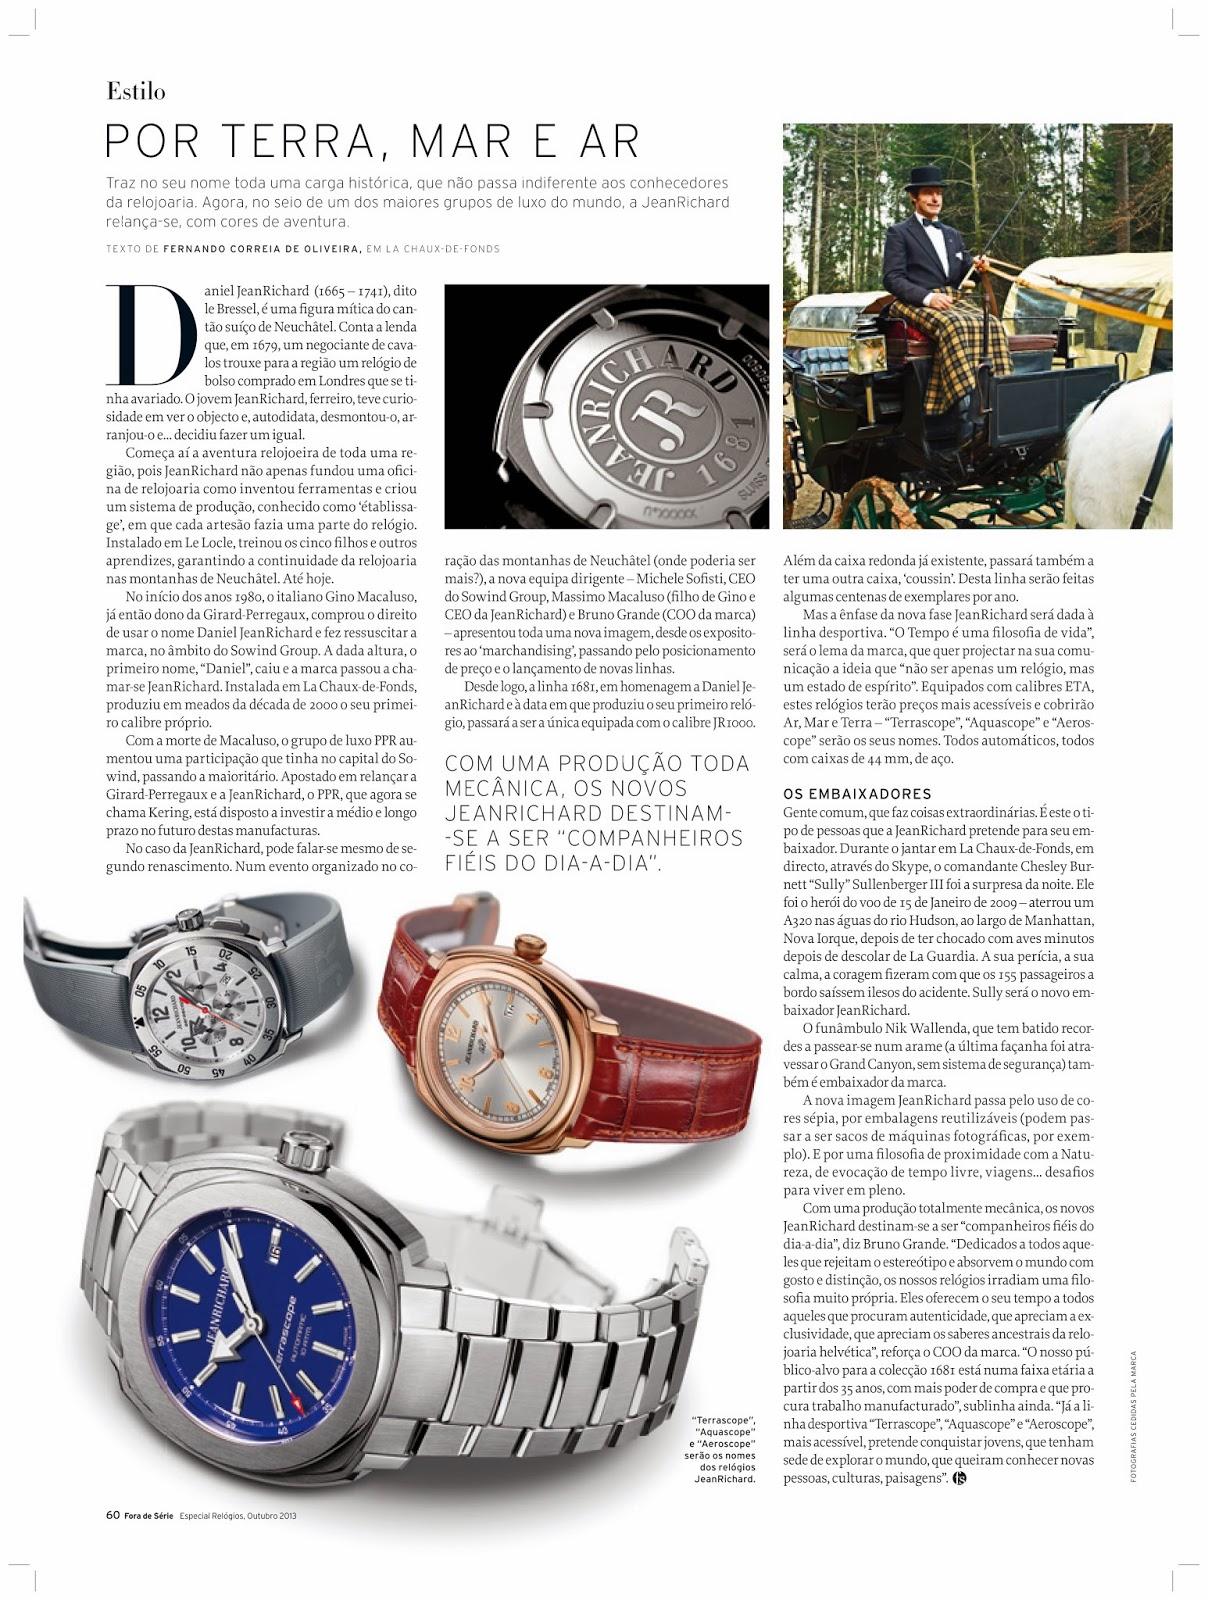 43ffe0de66c Relógios JeanRichard relança-se - reportagem no Fora de Série Especial  Relógios 2013